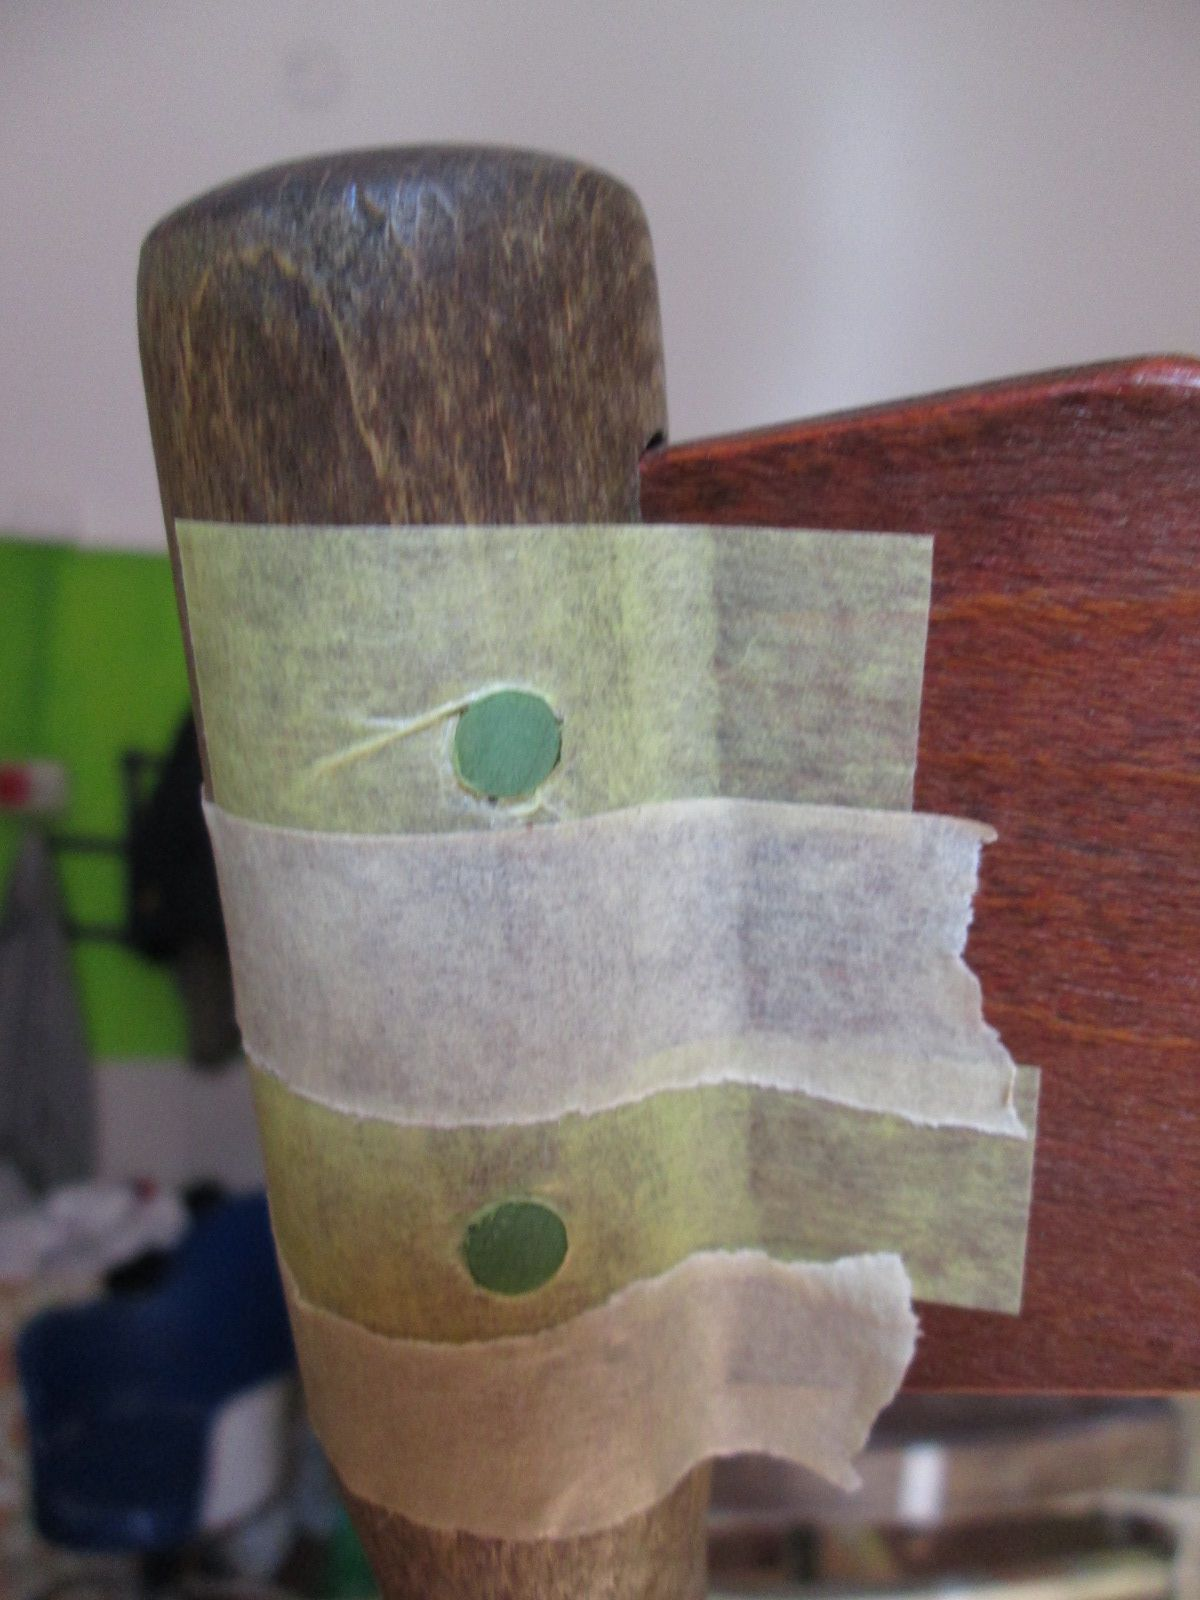 sedia thonet di fine 800: coloritura delle spine